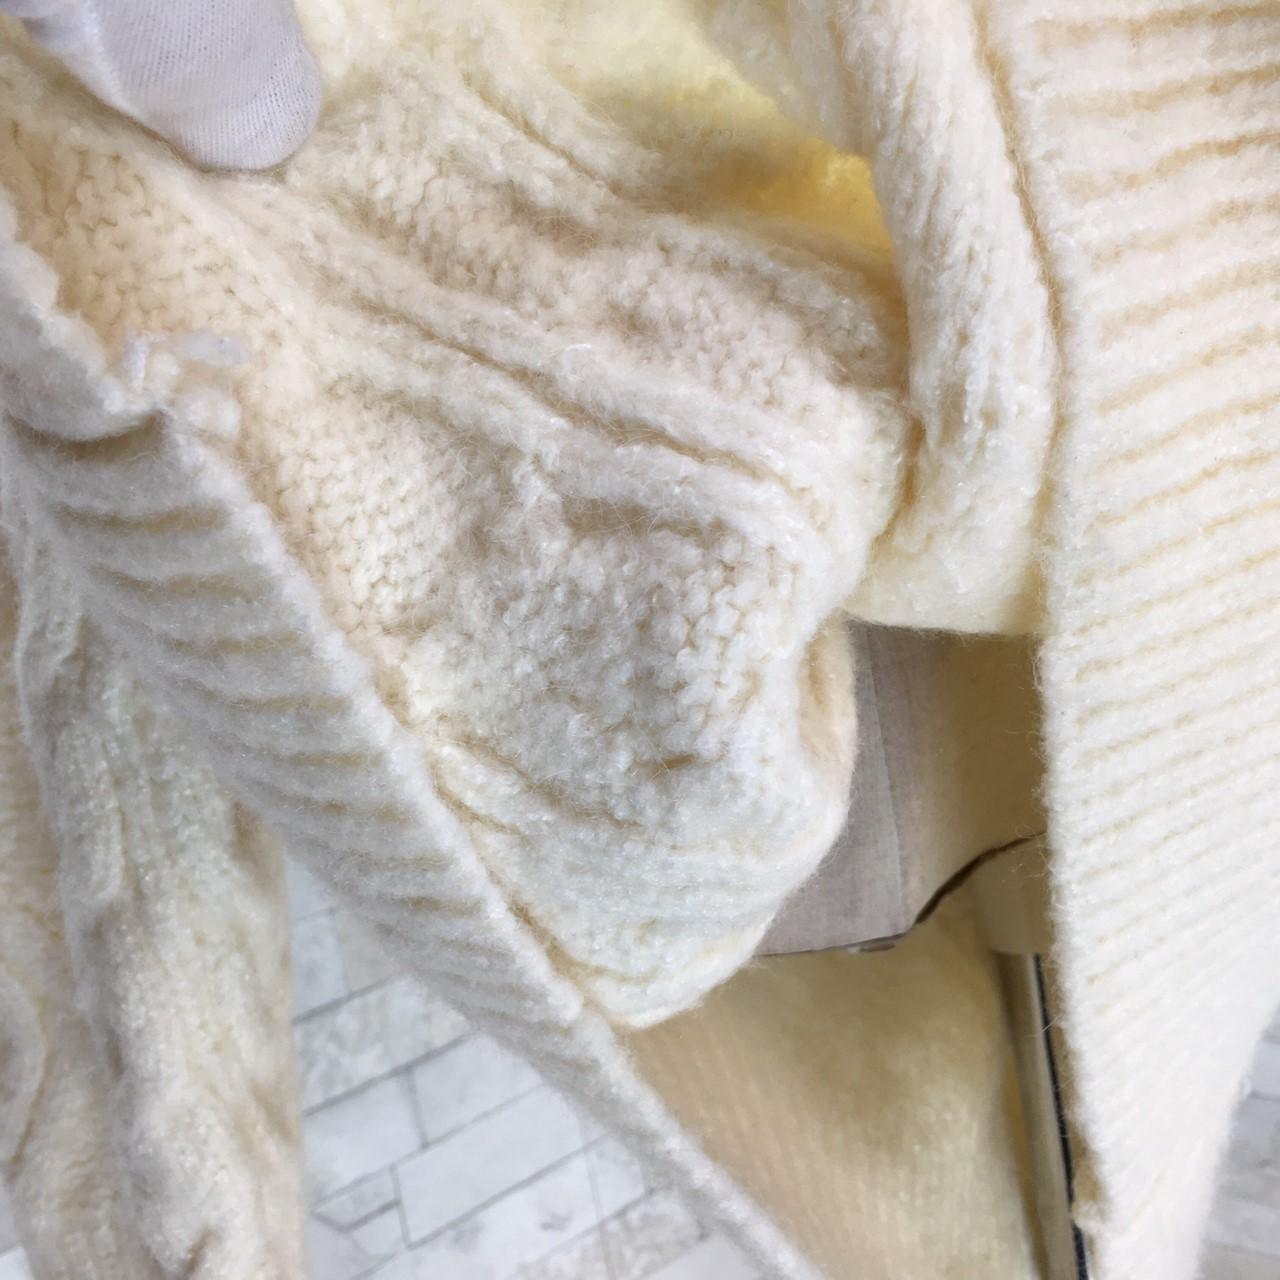 【即納】韓国 ファッション トップス ニット セーター 秋 冬 カジュアル SPTXG551  北欧風 模様編み ビッグシルエット 華奢見せ オルチャン シンプル 定番 セレカジの写真14枚目